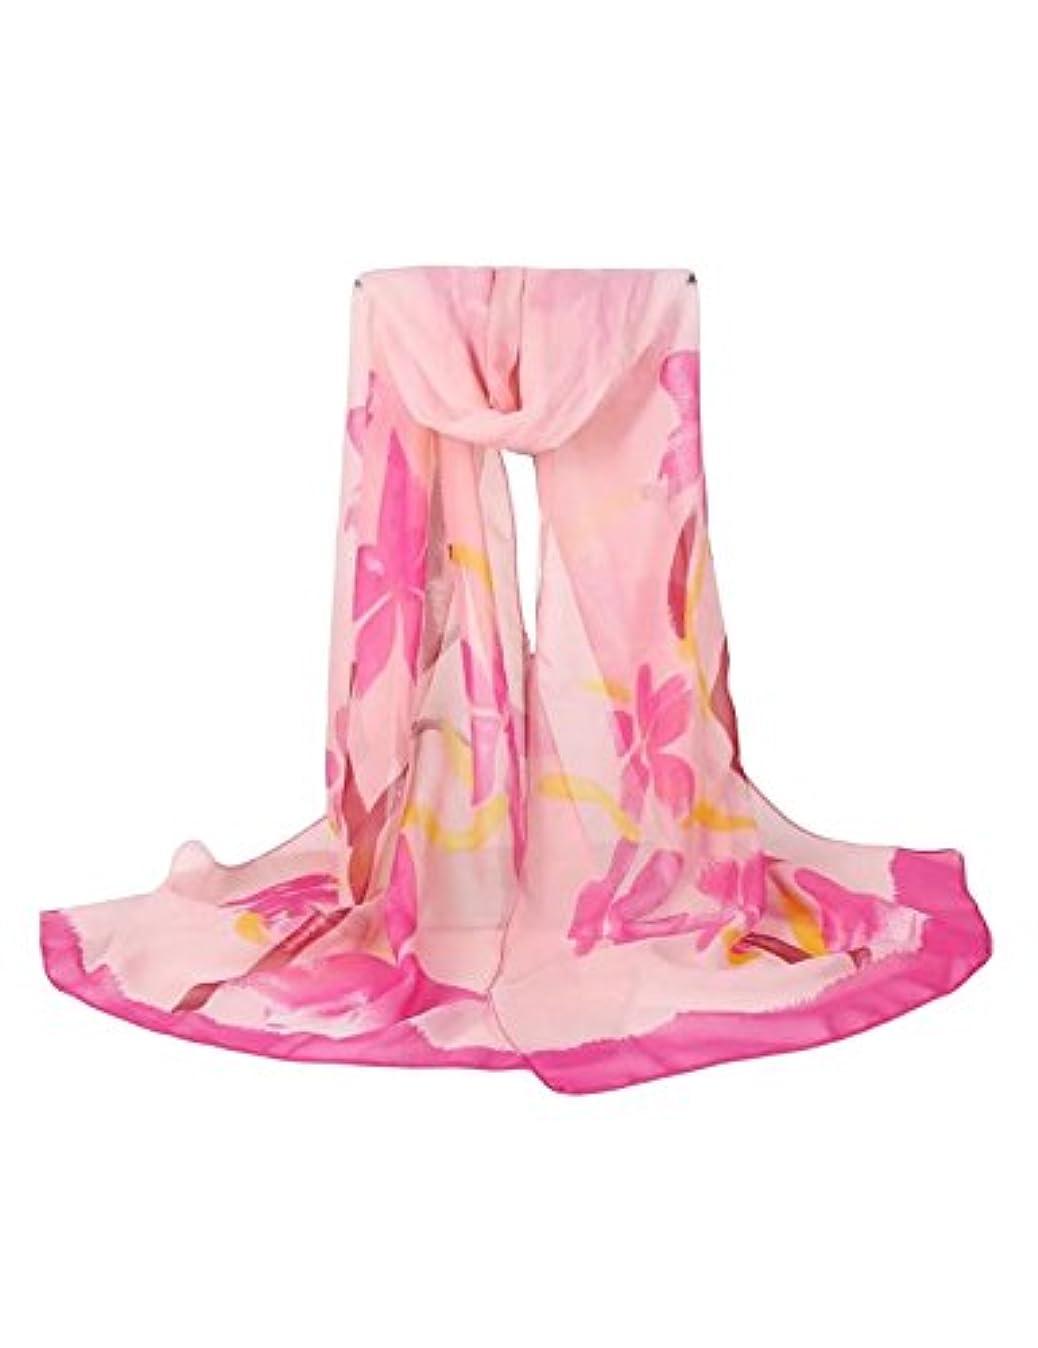 ラップ橋脚報酬のビエスディディ レディース 全6色 ファッション シフォン 薄手 UVカット 日焼け止め 花プリント ロング スカーフ